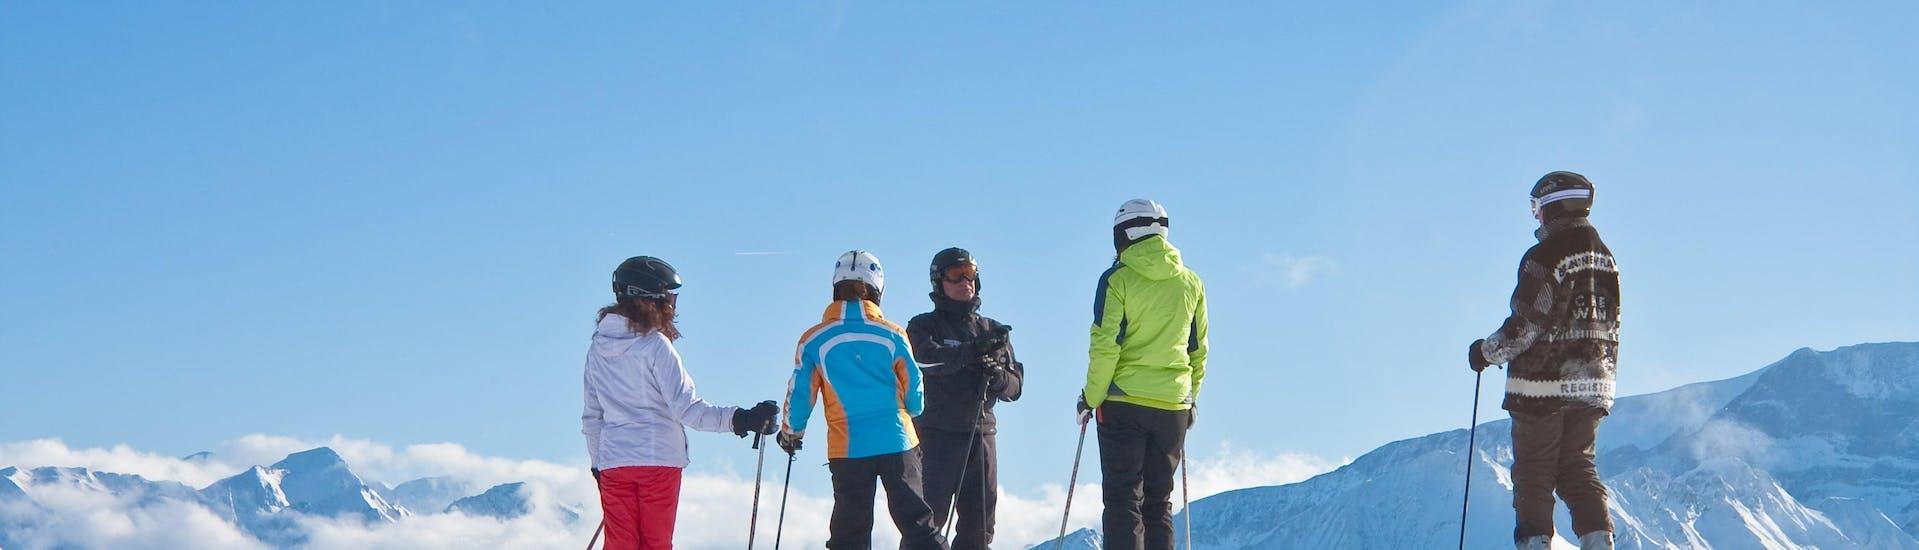 Une personne prend un Cours particulier de ski Adultes - Basse saison - Villaroger avec Evolution 2 Spirit - Arc 1950 & Villaroger.